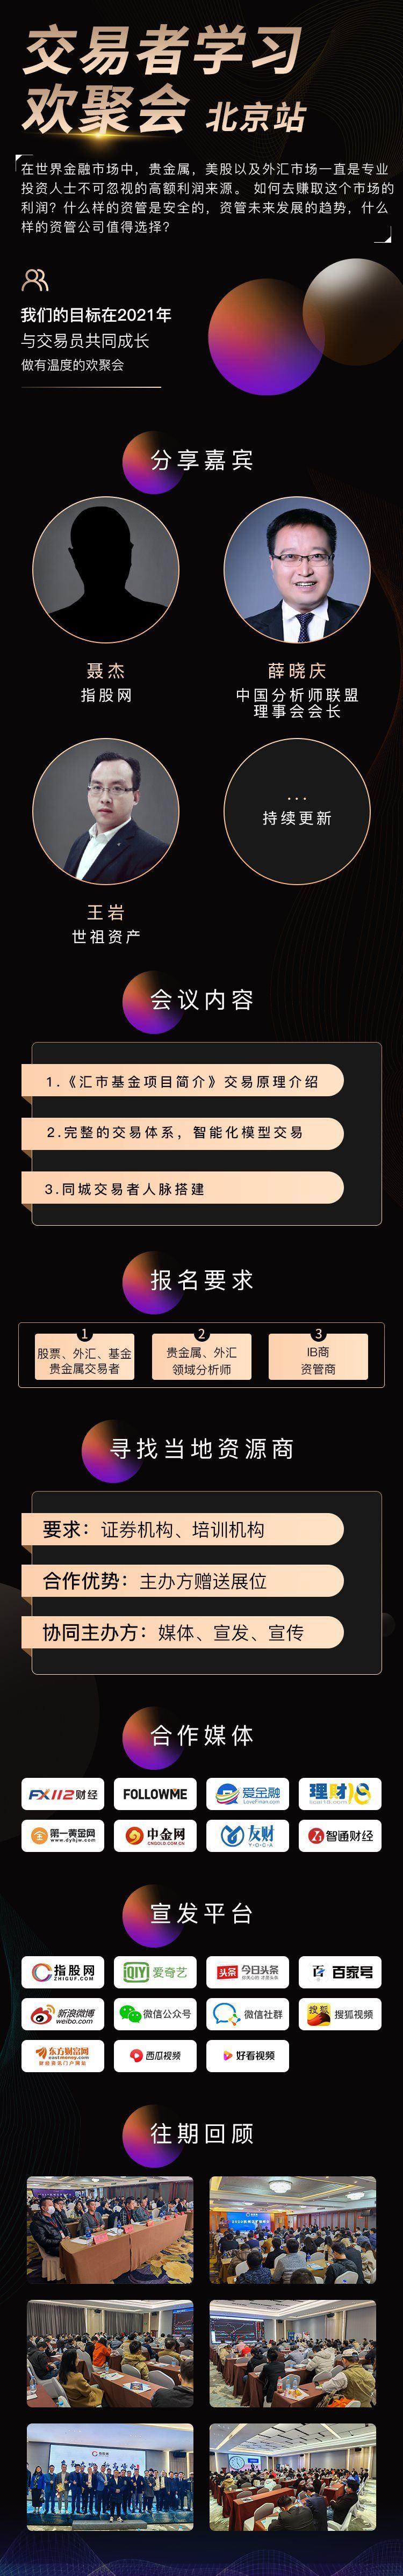 交易者学习-北京.png